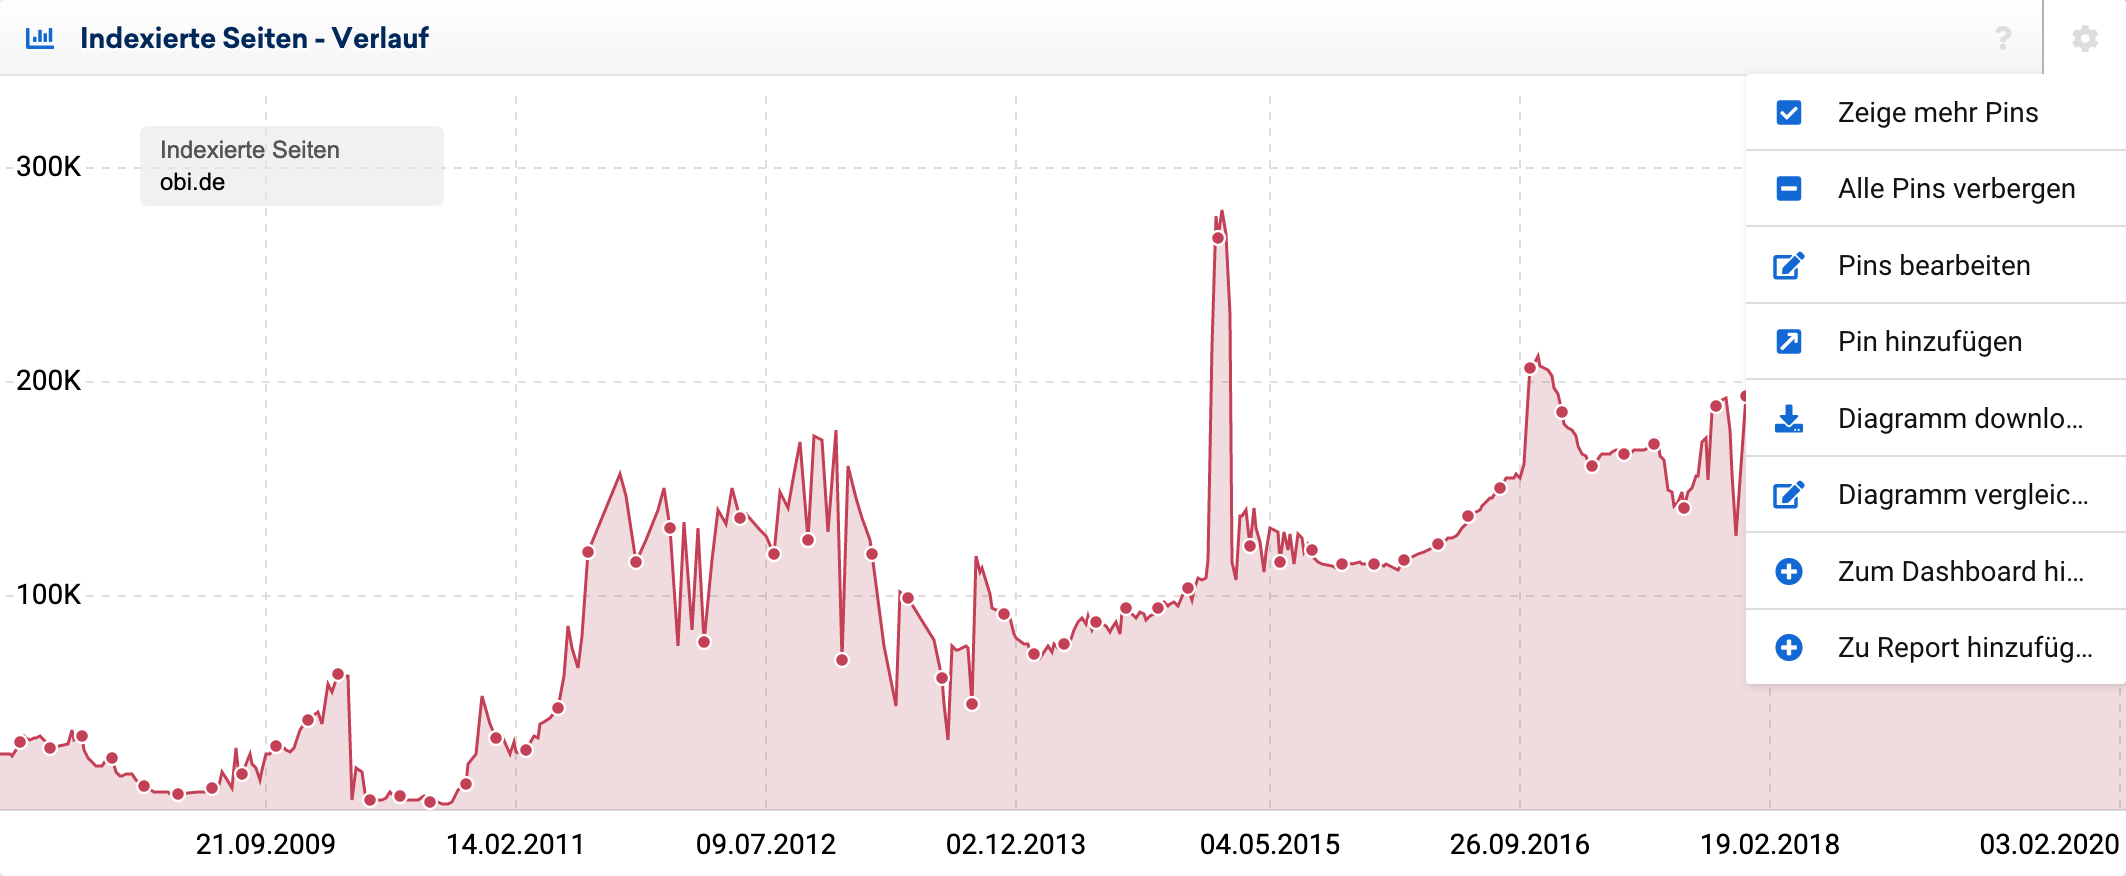 Ansicht der des zeitlichen Verlaufs der Indexierten Seiten einer Domain in der SISTRIX Toolbox. Es wird das Menü im Verlauf der indexierten Seiten gezeigt.